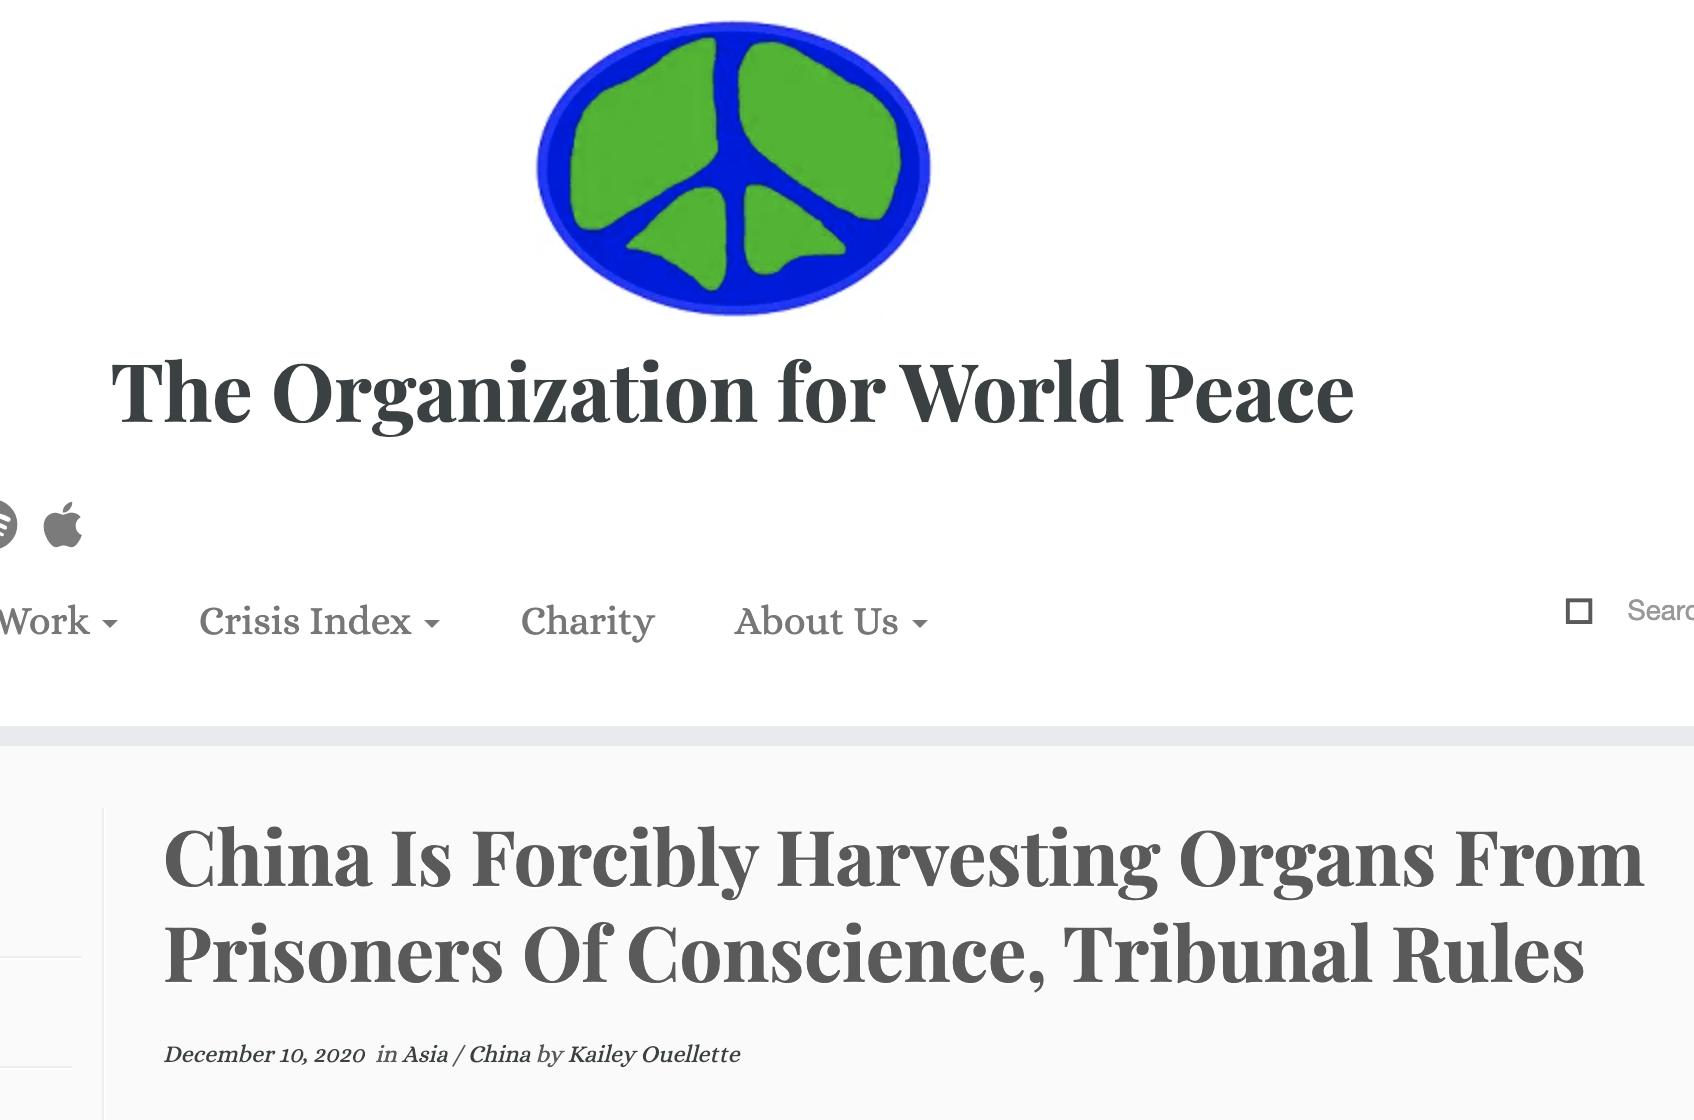 世界和平組織(The Organization for World Peace)刊文章說,中共從良心犯,特別是從法輪功學員身上強行摘取器官,國際社會必須對中共的行徑進行譴責、干預。(網頁截圖)